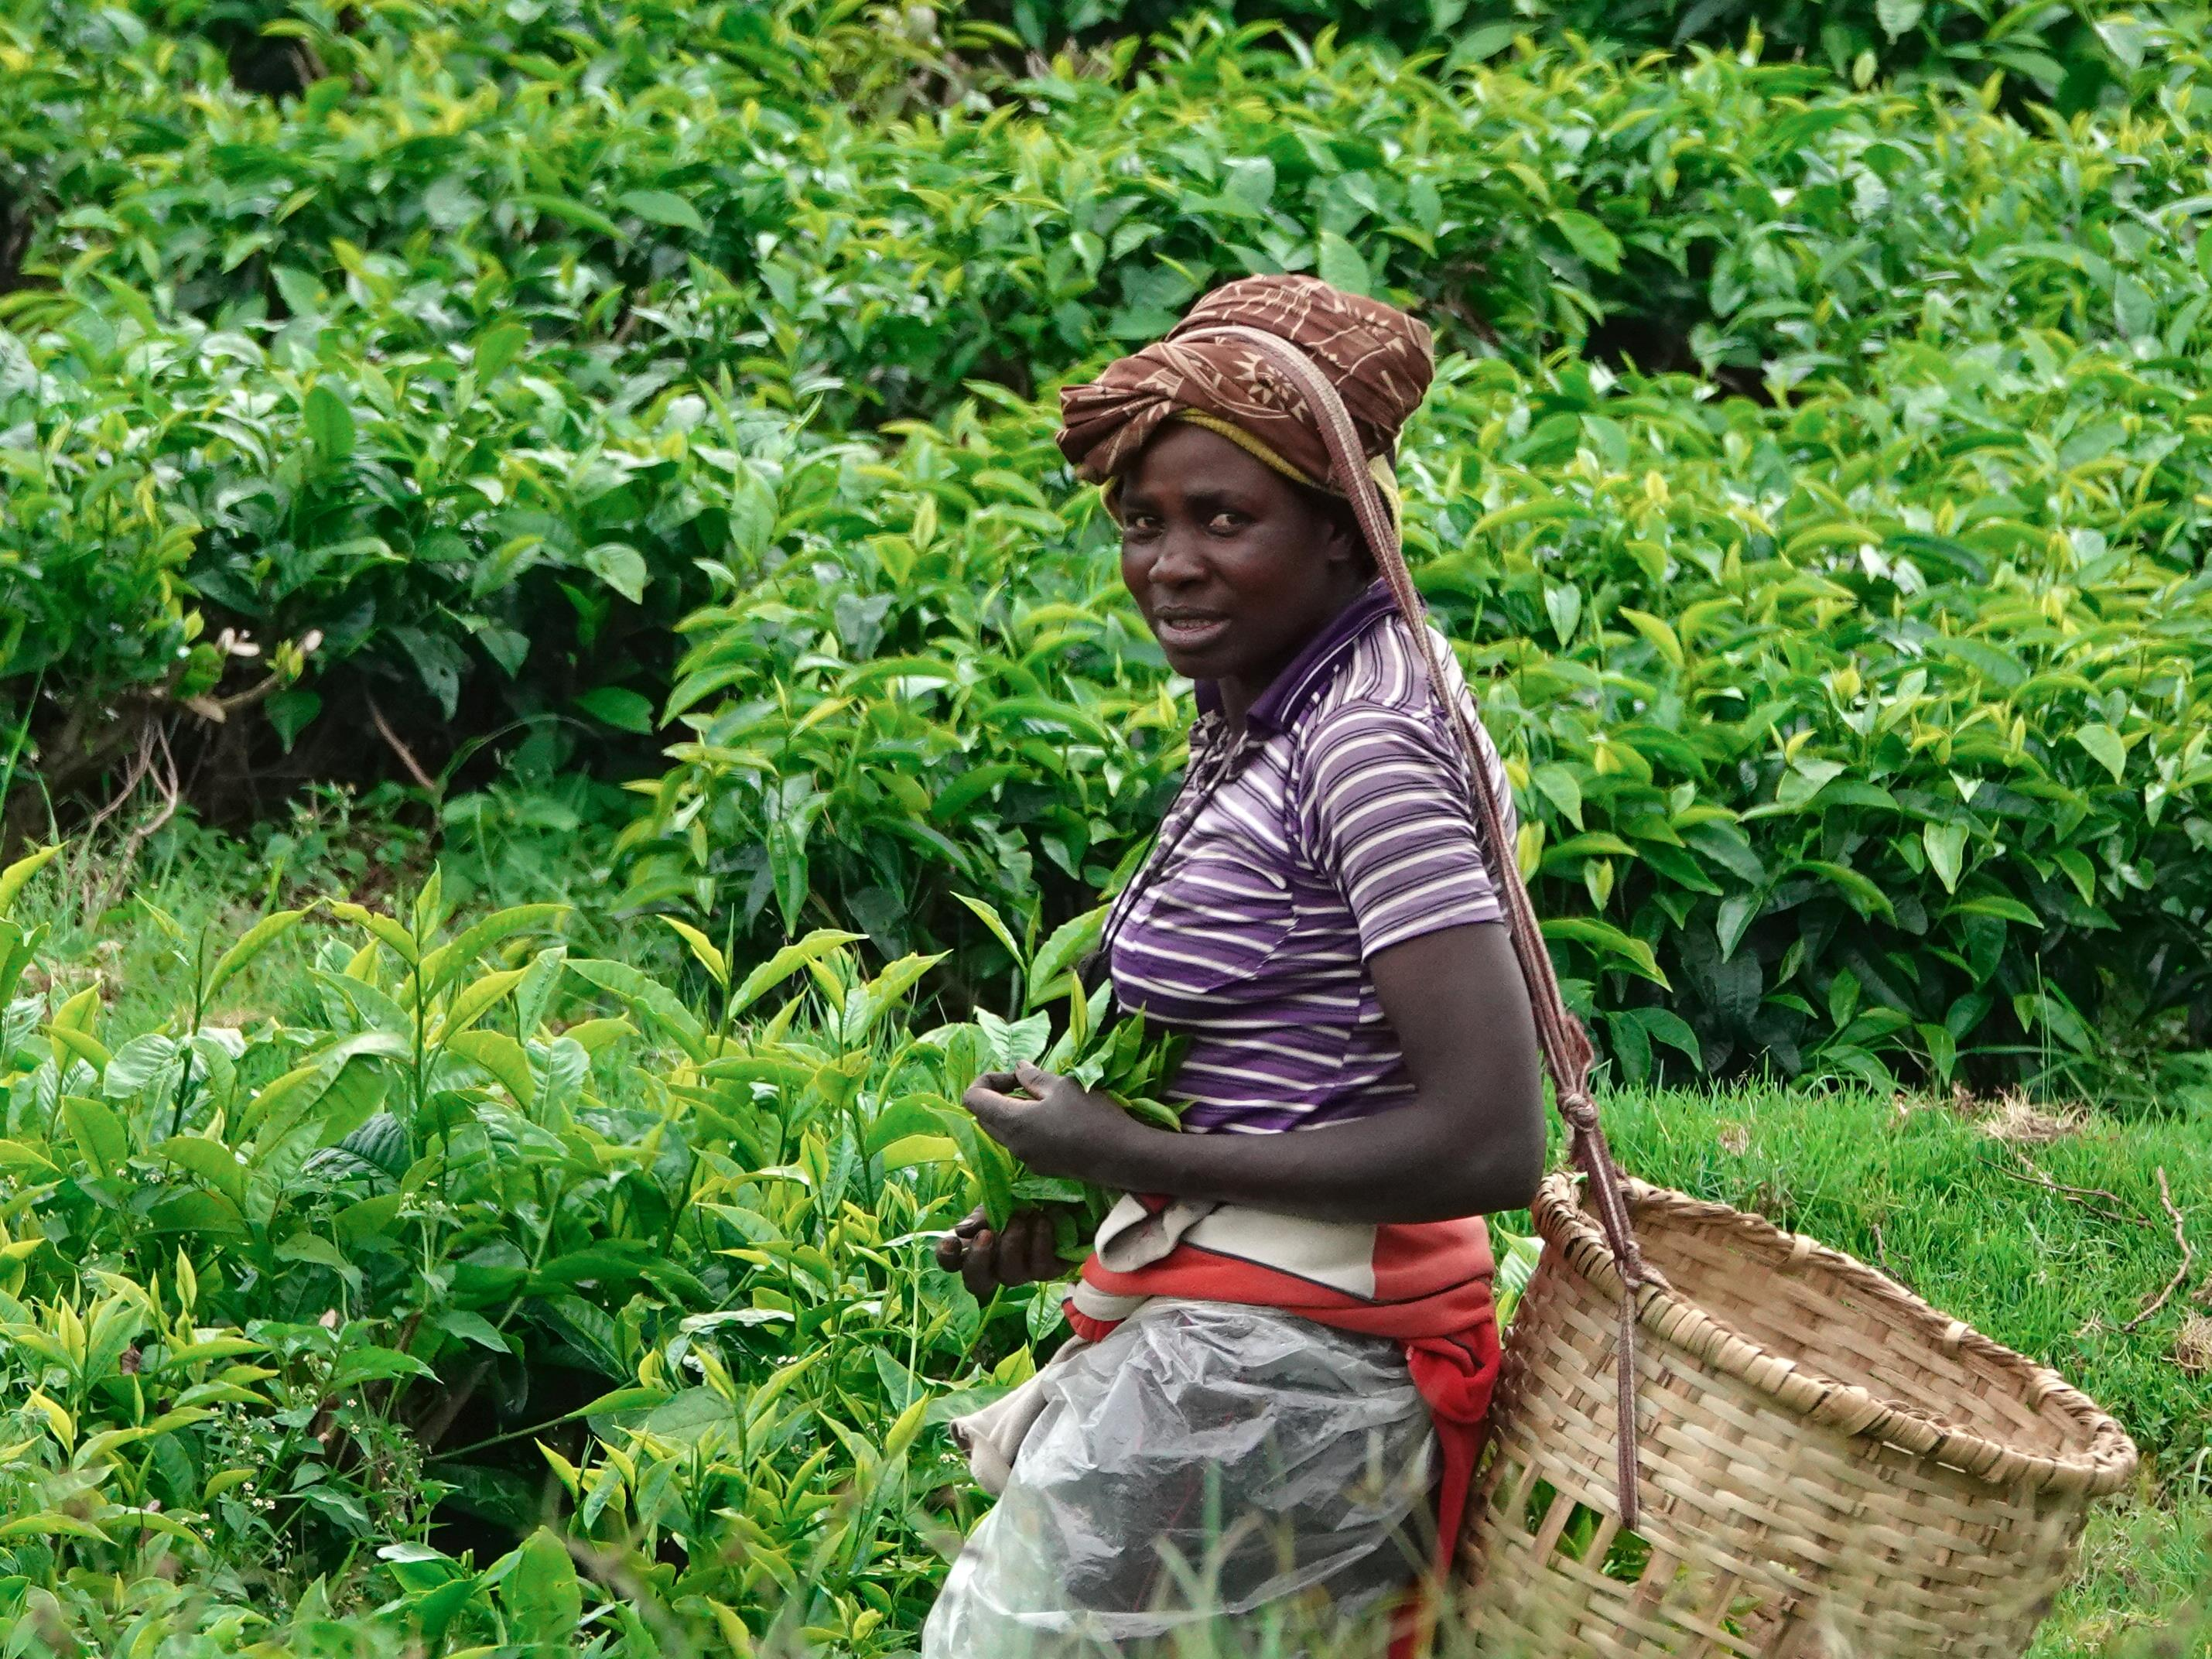 Une jeune femme portant un panier sur son dos cueille des feuilles de thé.